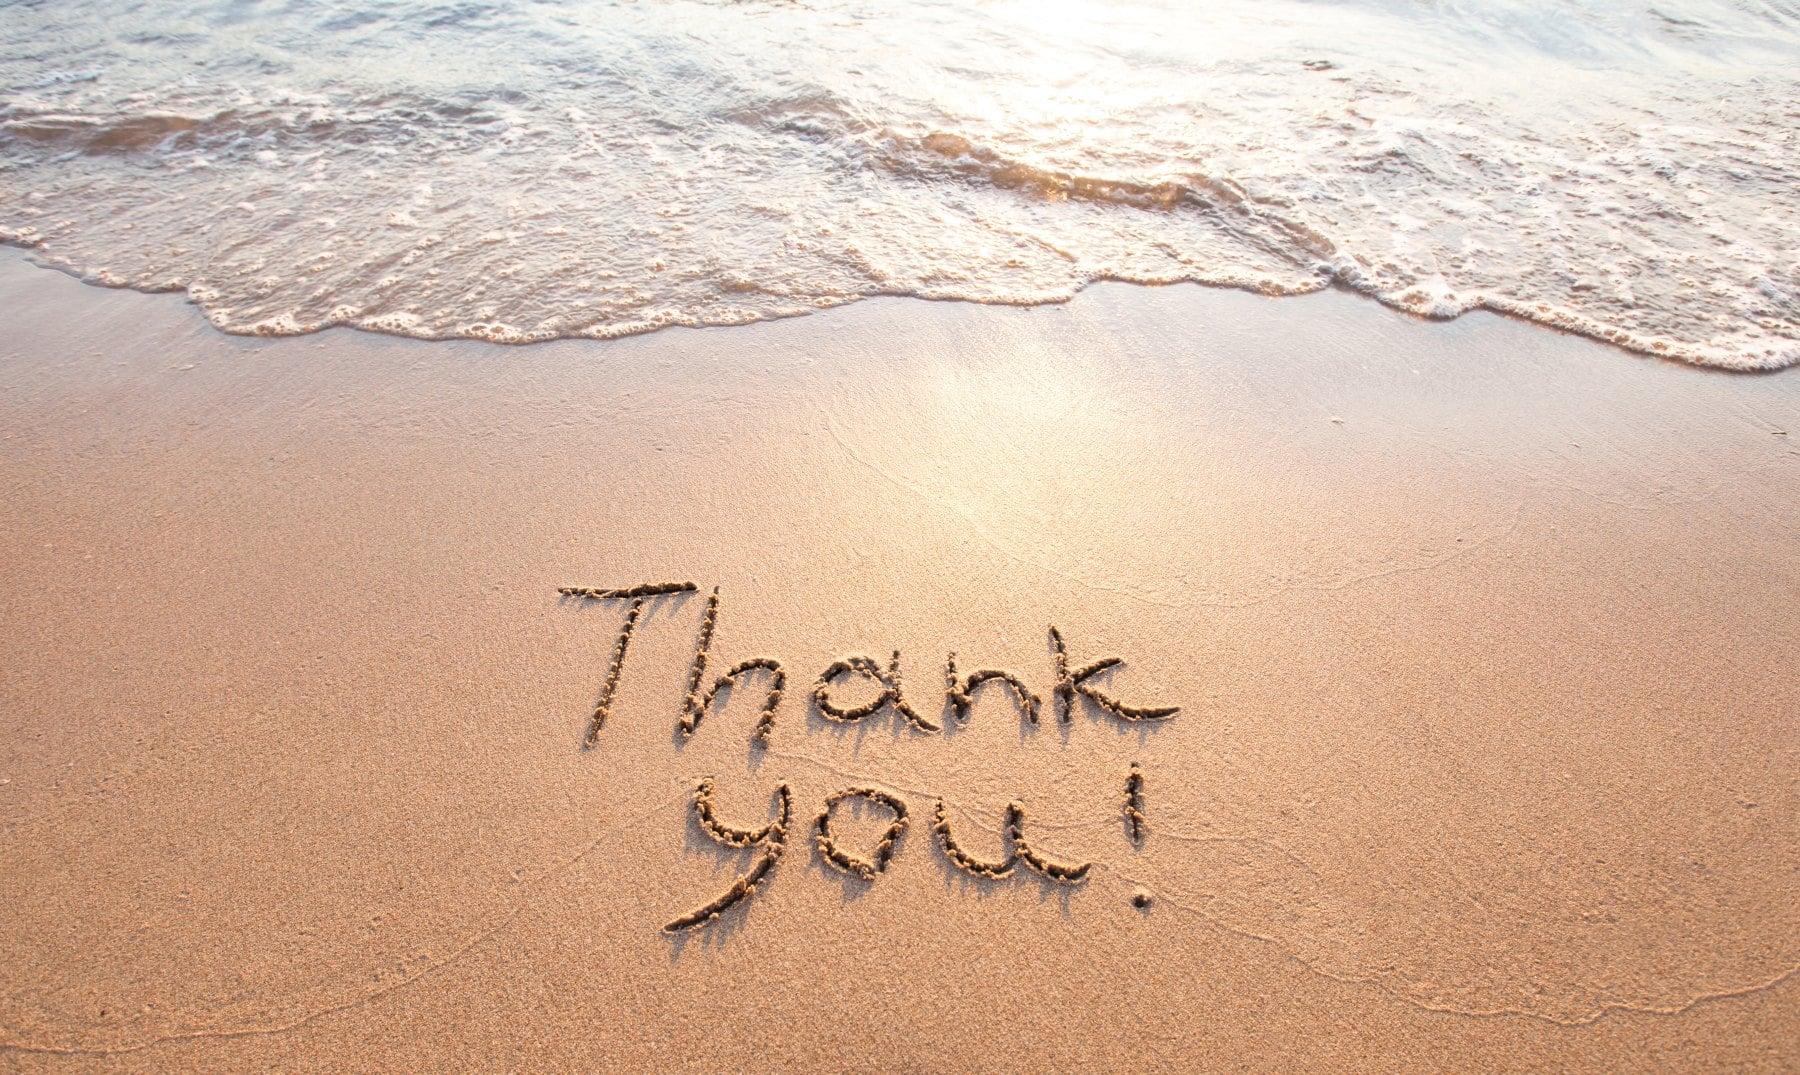 120 Frases De Gracias Bonitas Palabras De Agradecimiento